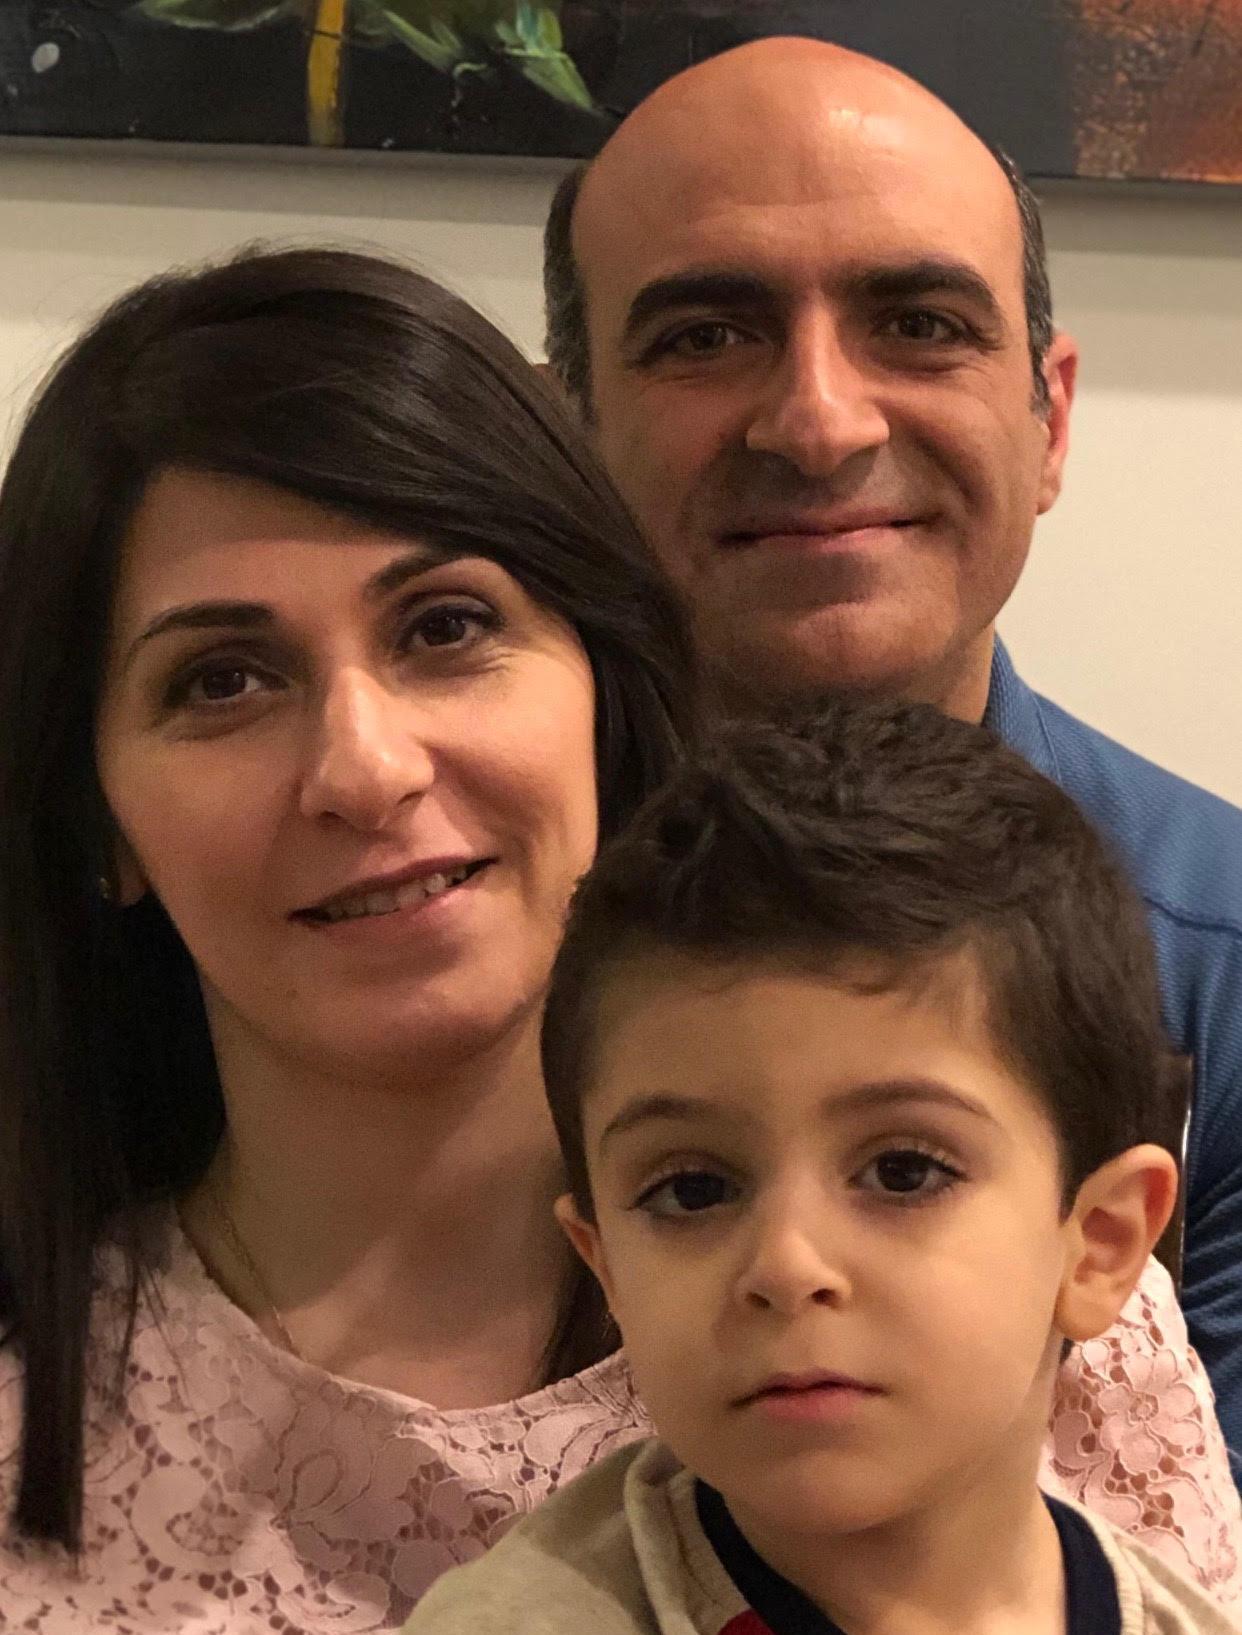 Jeiran Family